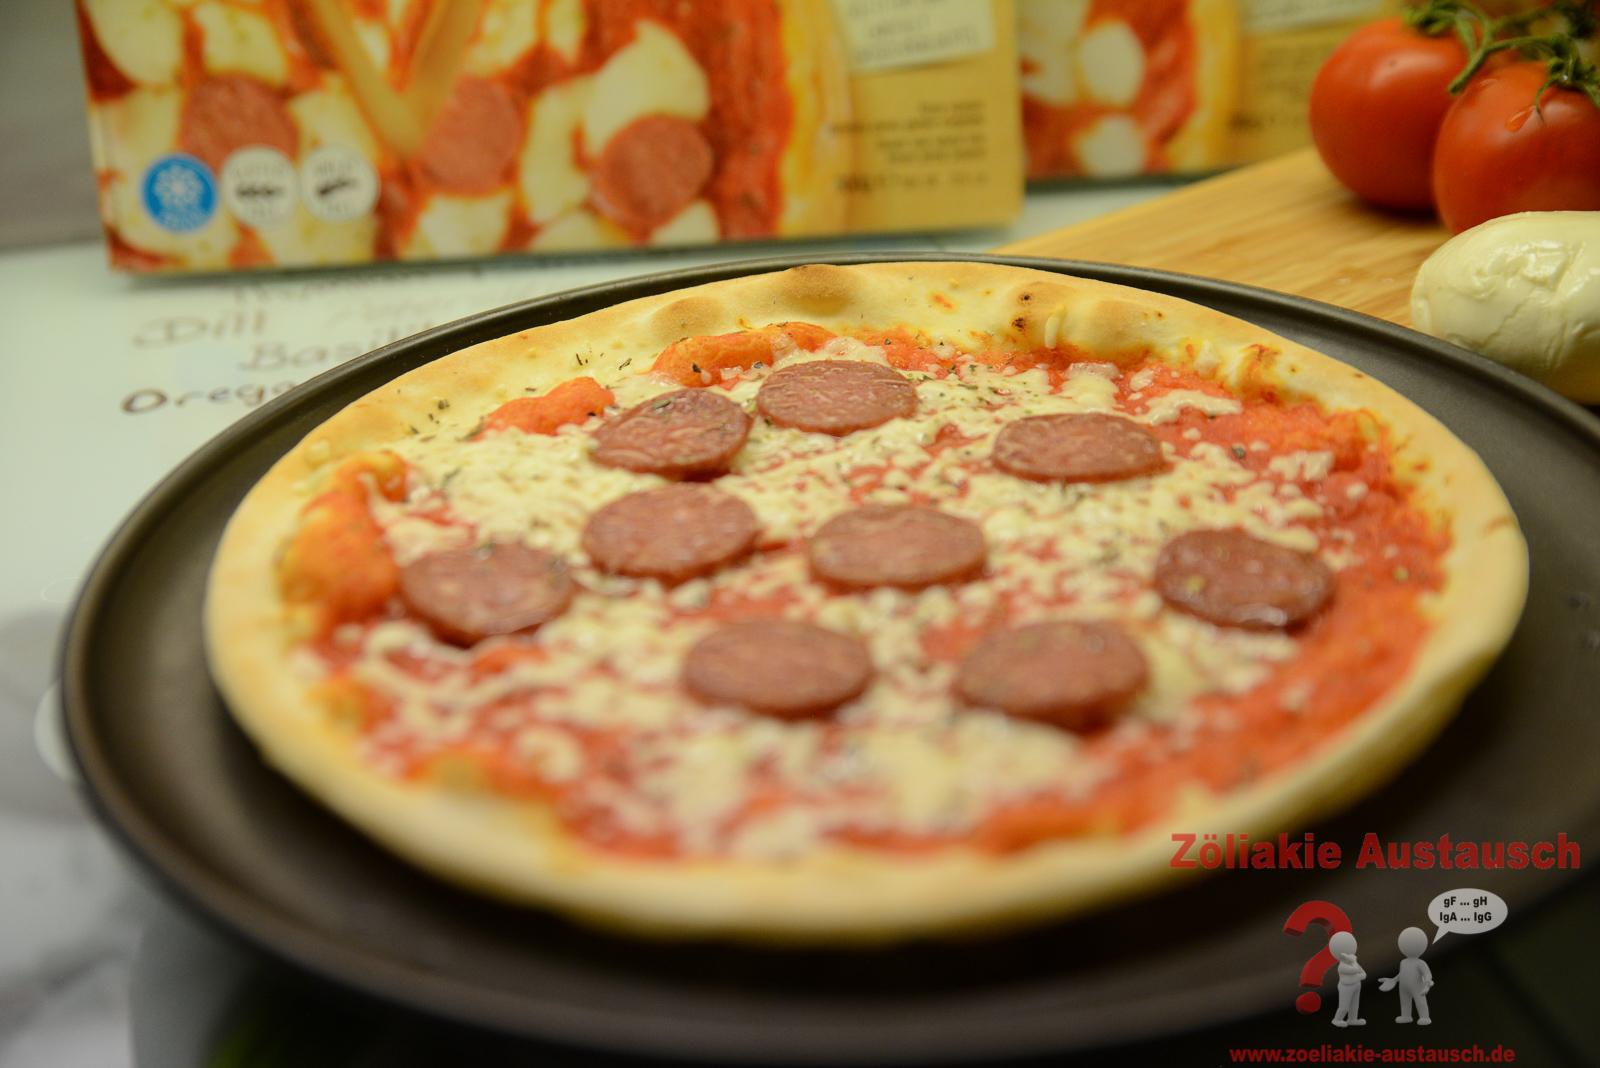 Schaer_Pizza-Zoeliakie_Austausch_026